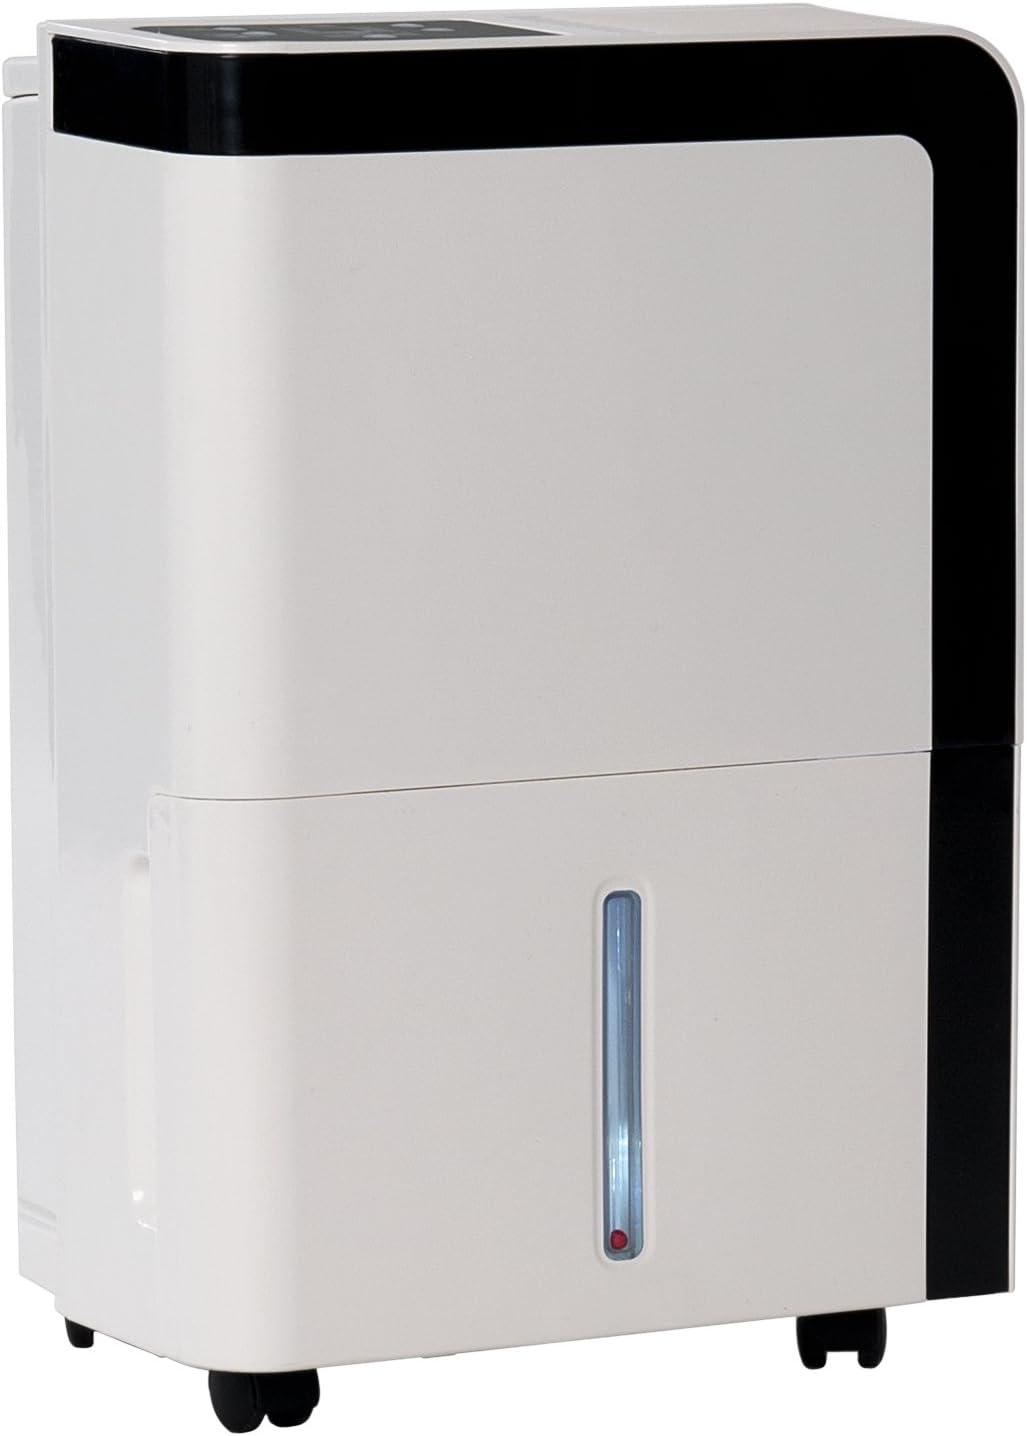 Comfee MDF2-20DEN3 - Deshumidificador de aire: Amazon.es: Hogar